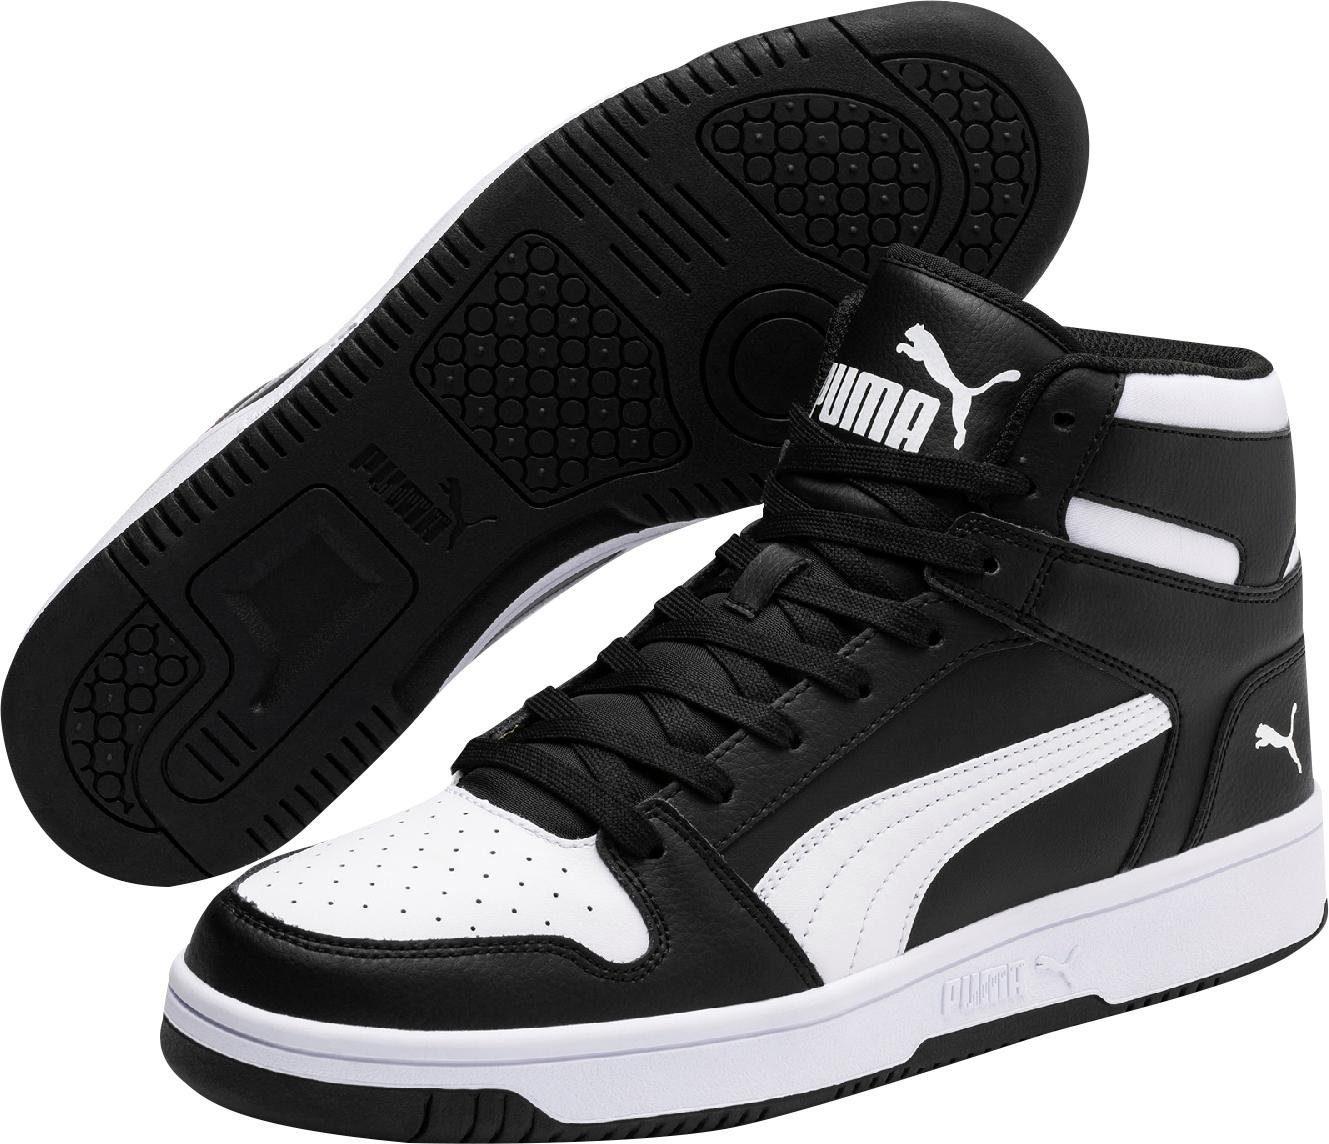 Shop Otto Hoge Ze Bestellen Sneakers Online wAzqA7